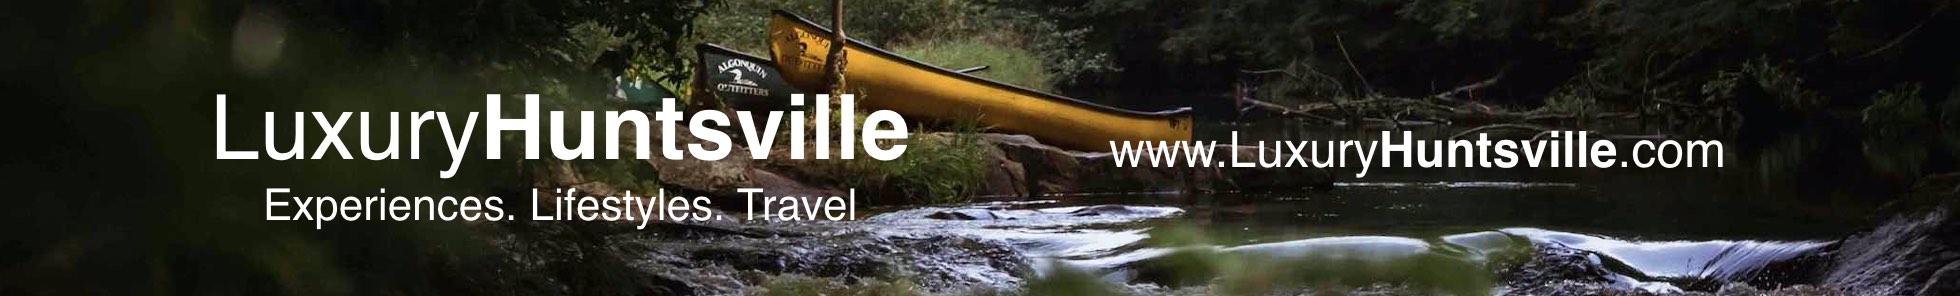 LuxuryHuntsville Ad 02